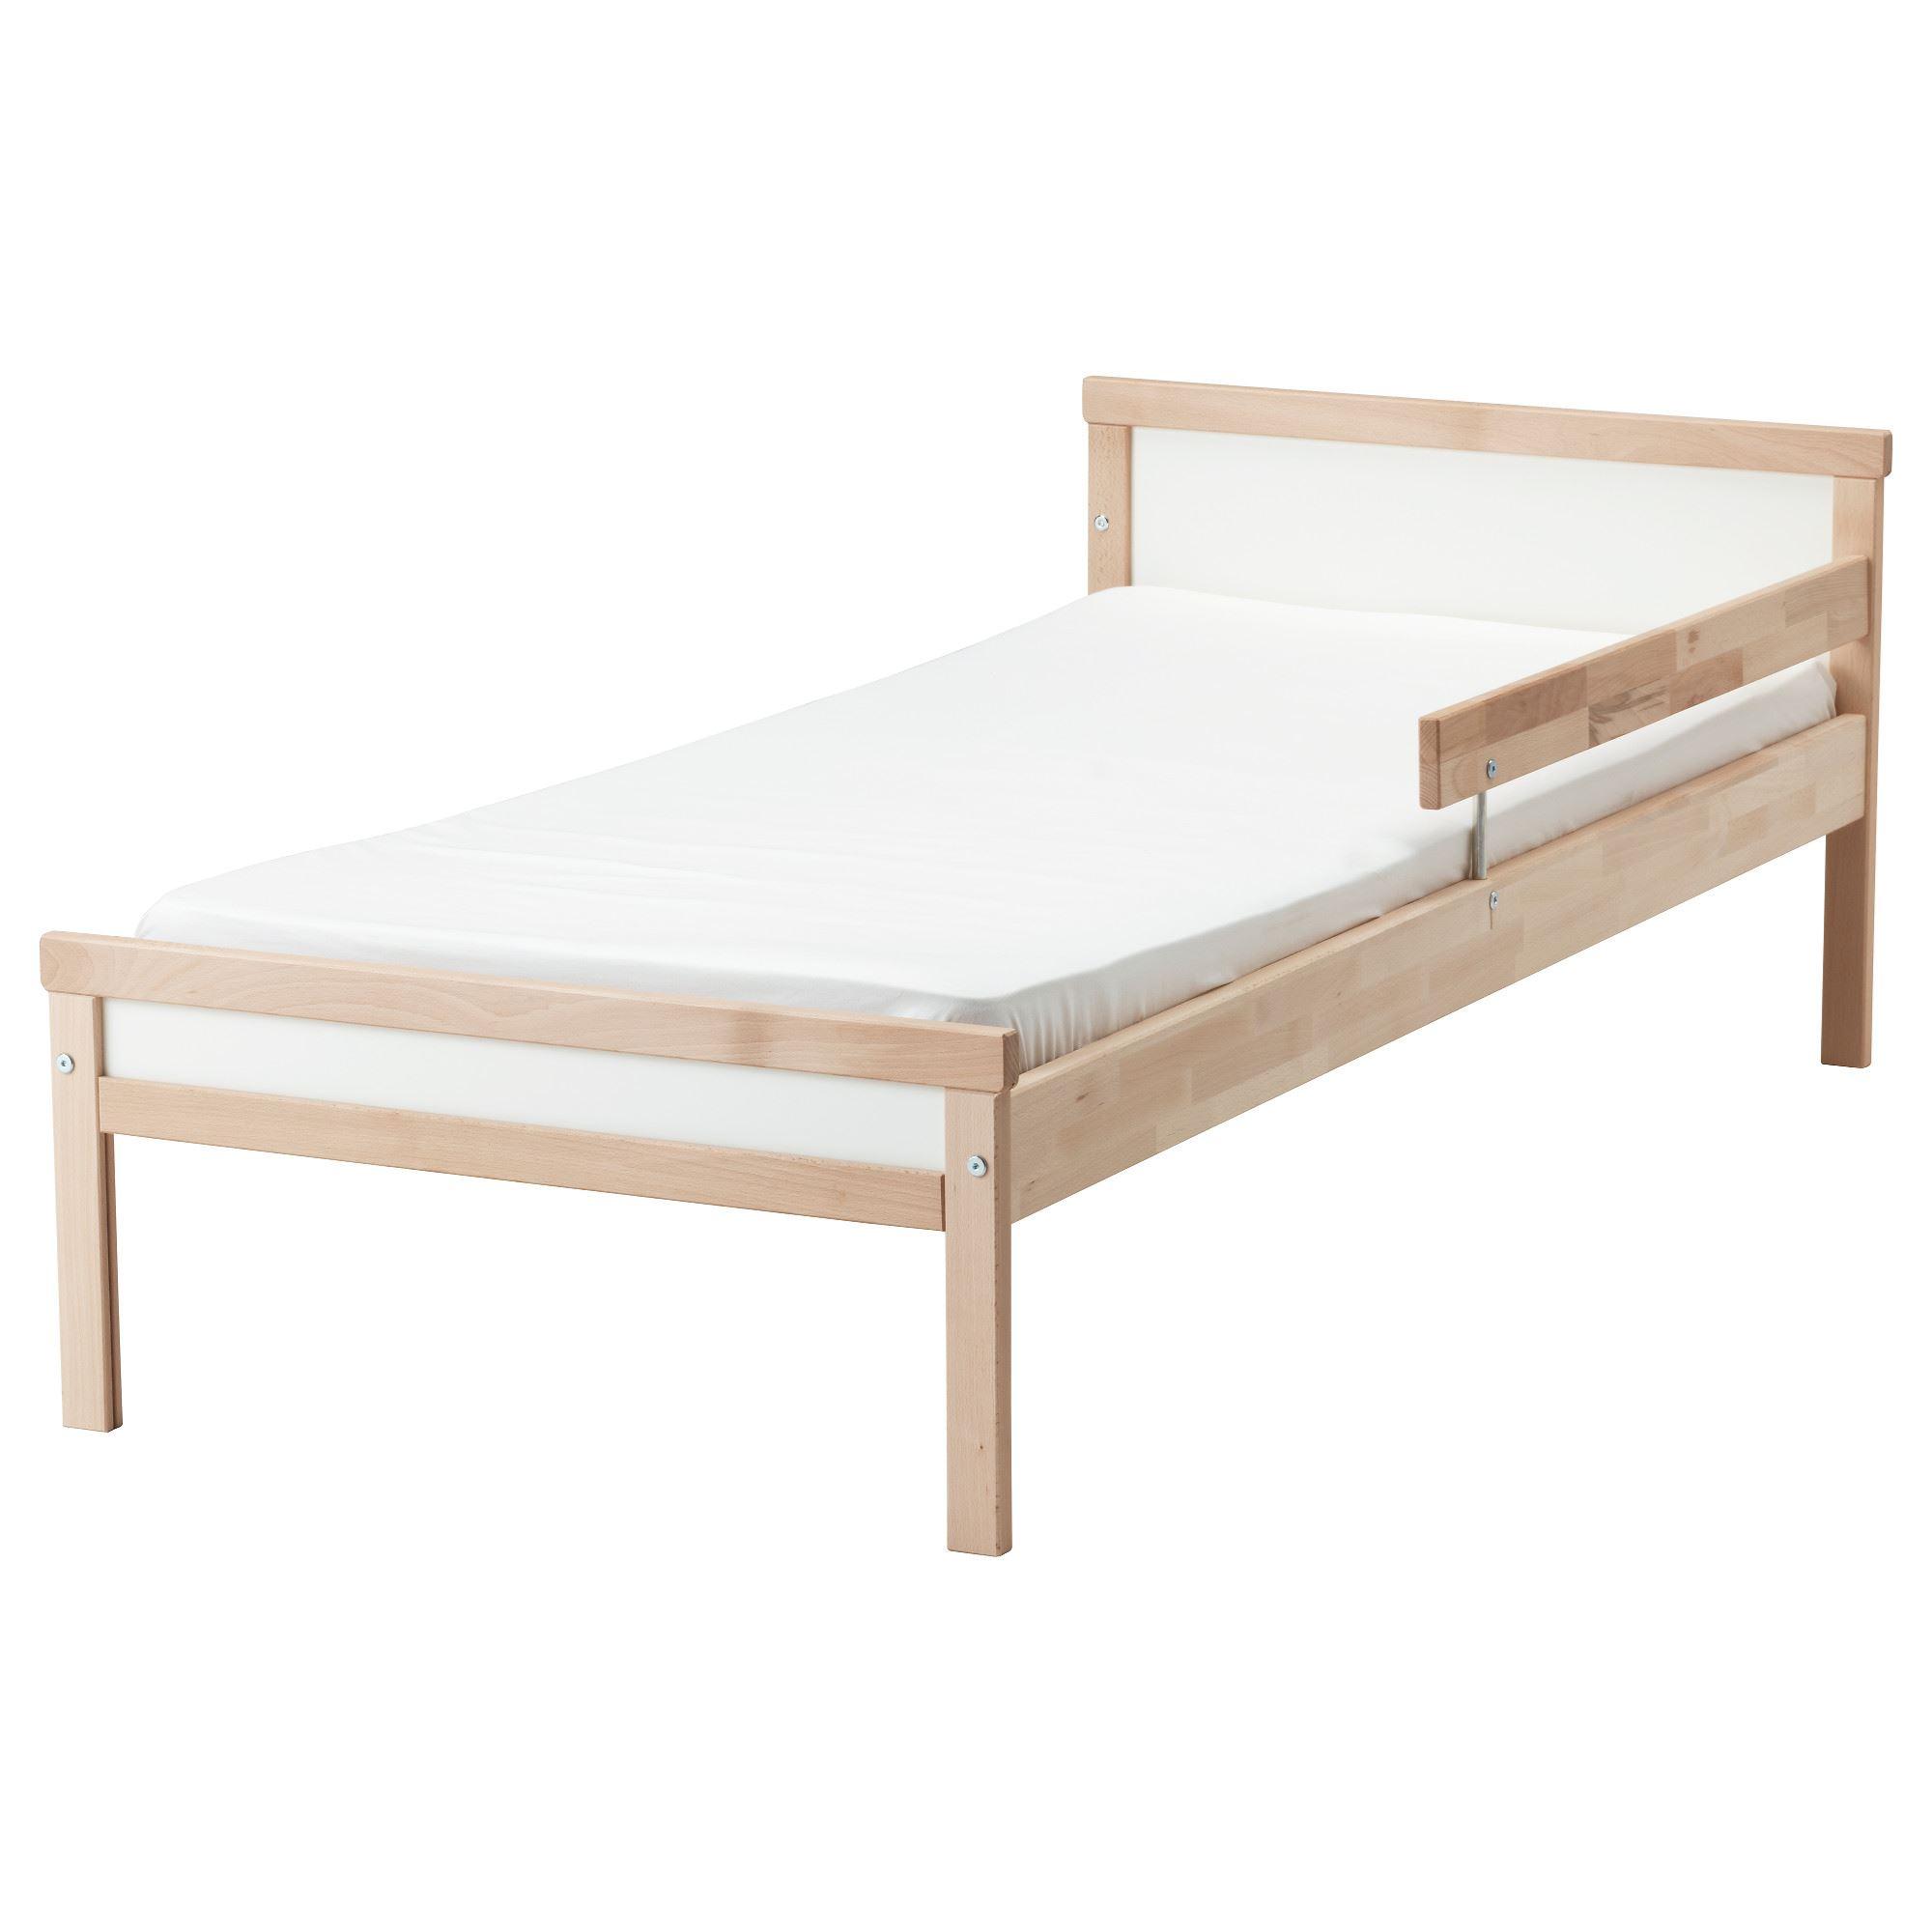 SNIGLAR junior bed beech effect 70x160 cm | IKEA Children\'s IKEA